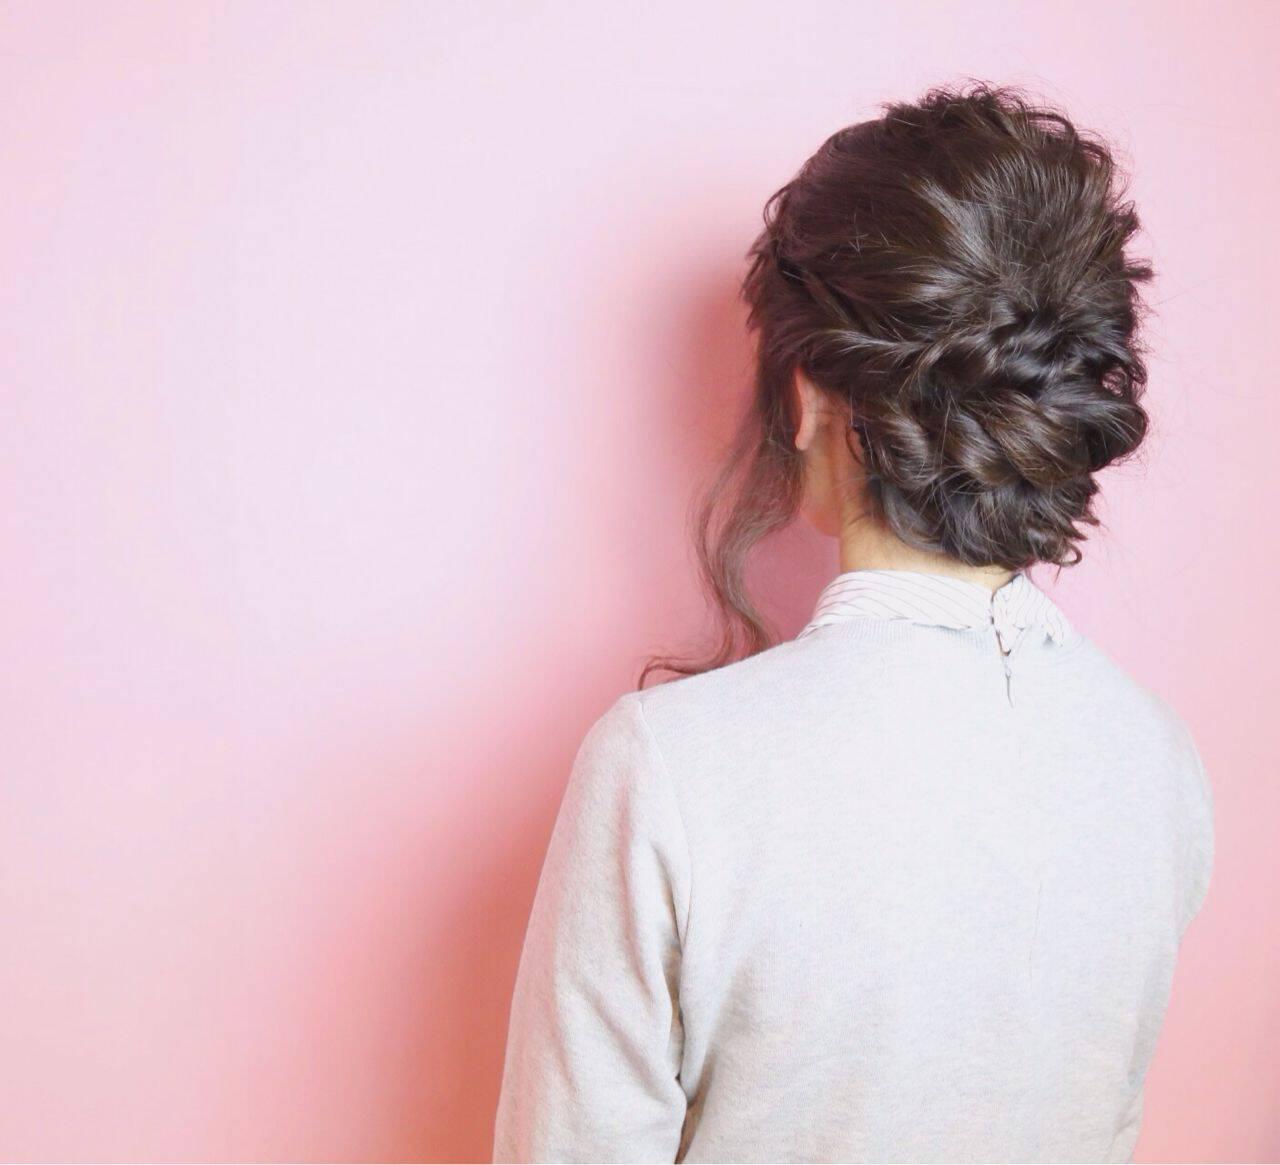 ウェーブ ショート 暗髪 アップスタイルヘアスタイルや髪型の写真・画像